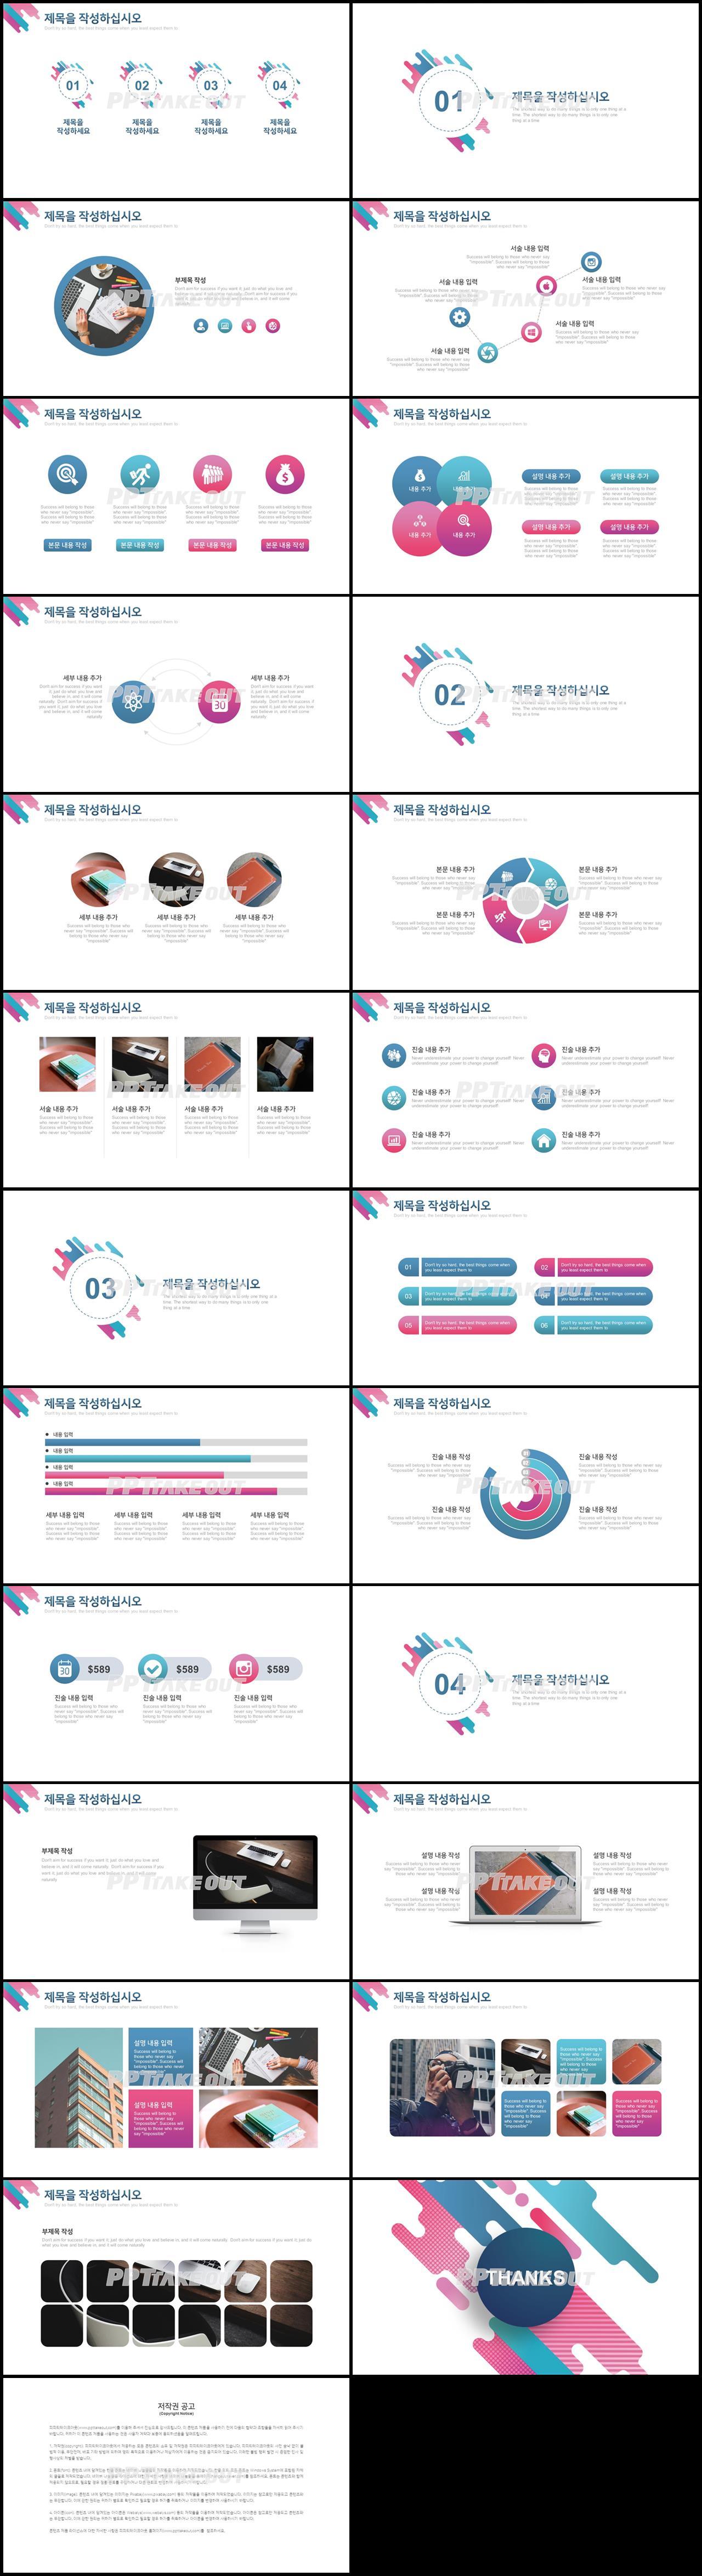 비즈니스 핑크색 단출한 고급형 POWERPOINT서식 디자인 상세보기